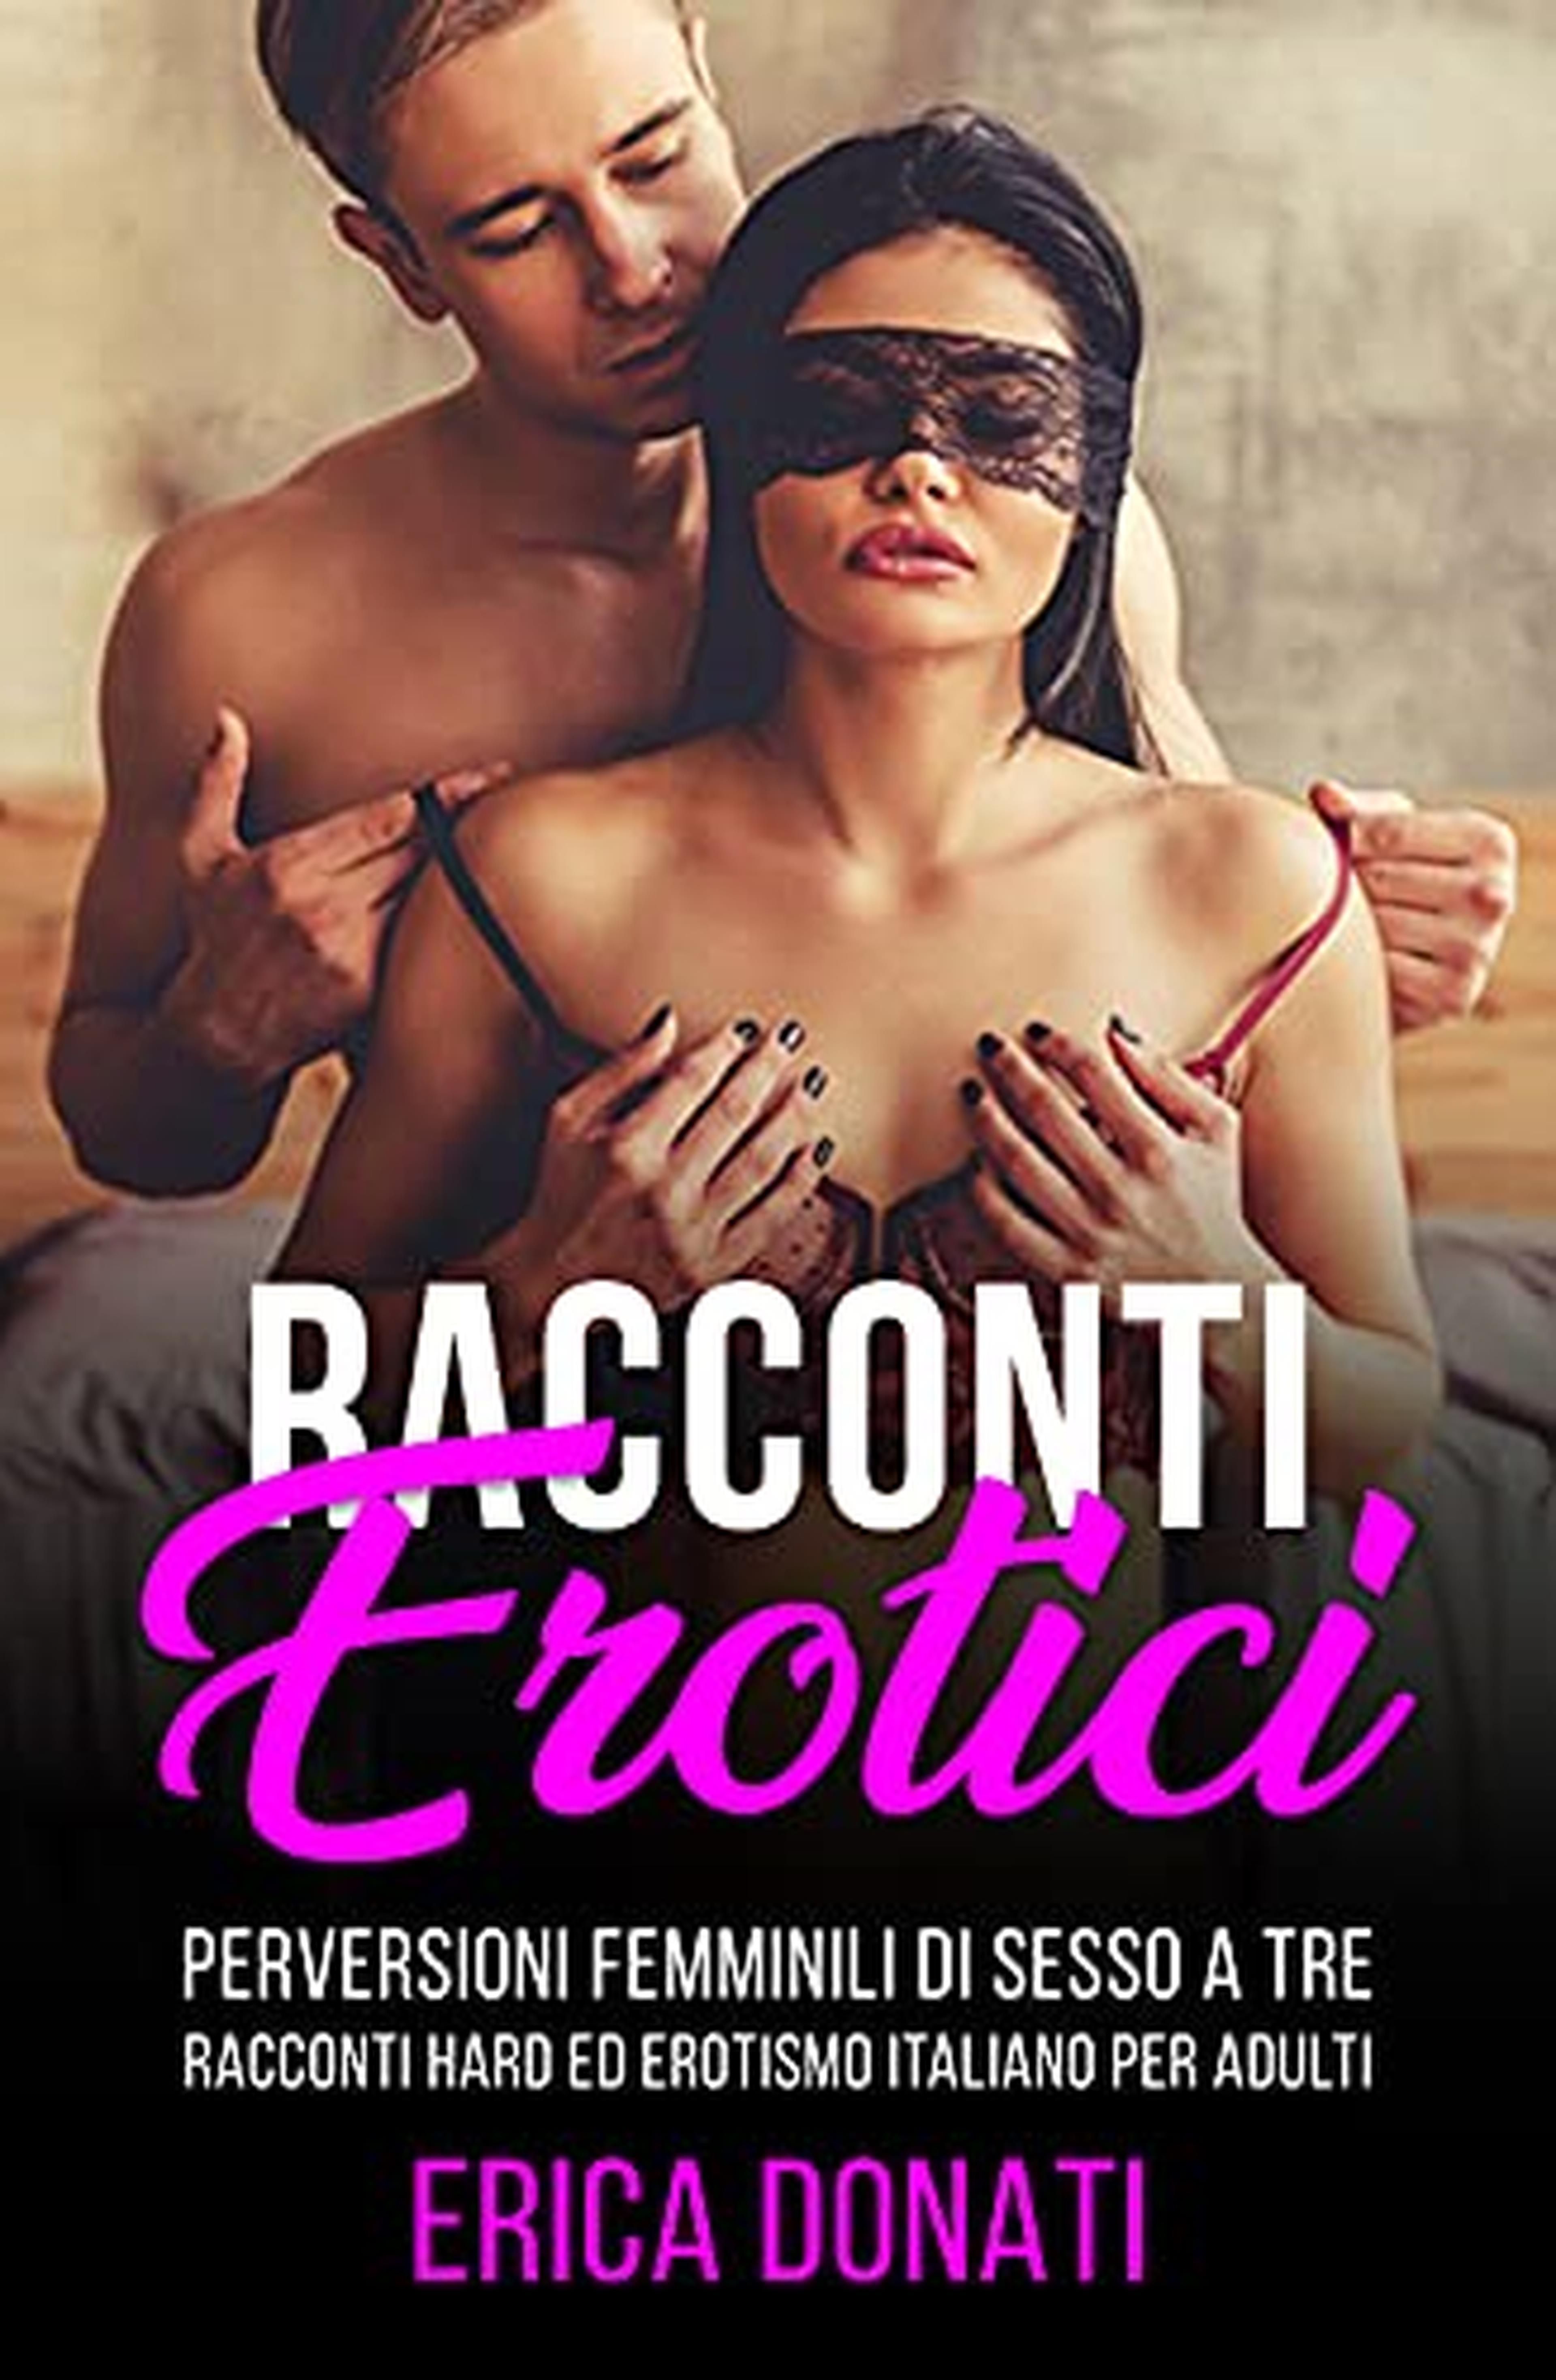 RACCONTI EROTICI: Perversioni Femminili di Sesso a Tre, Racconti Hard ed Erotismo Italiano per Adulti (Letteratura Erotica Vol. 2)